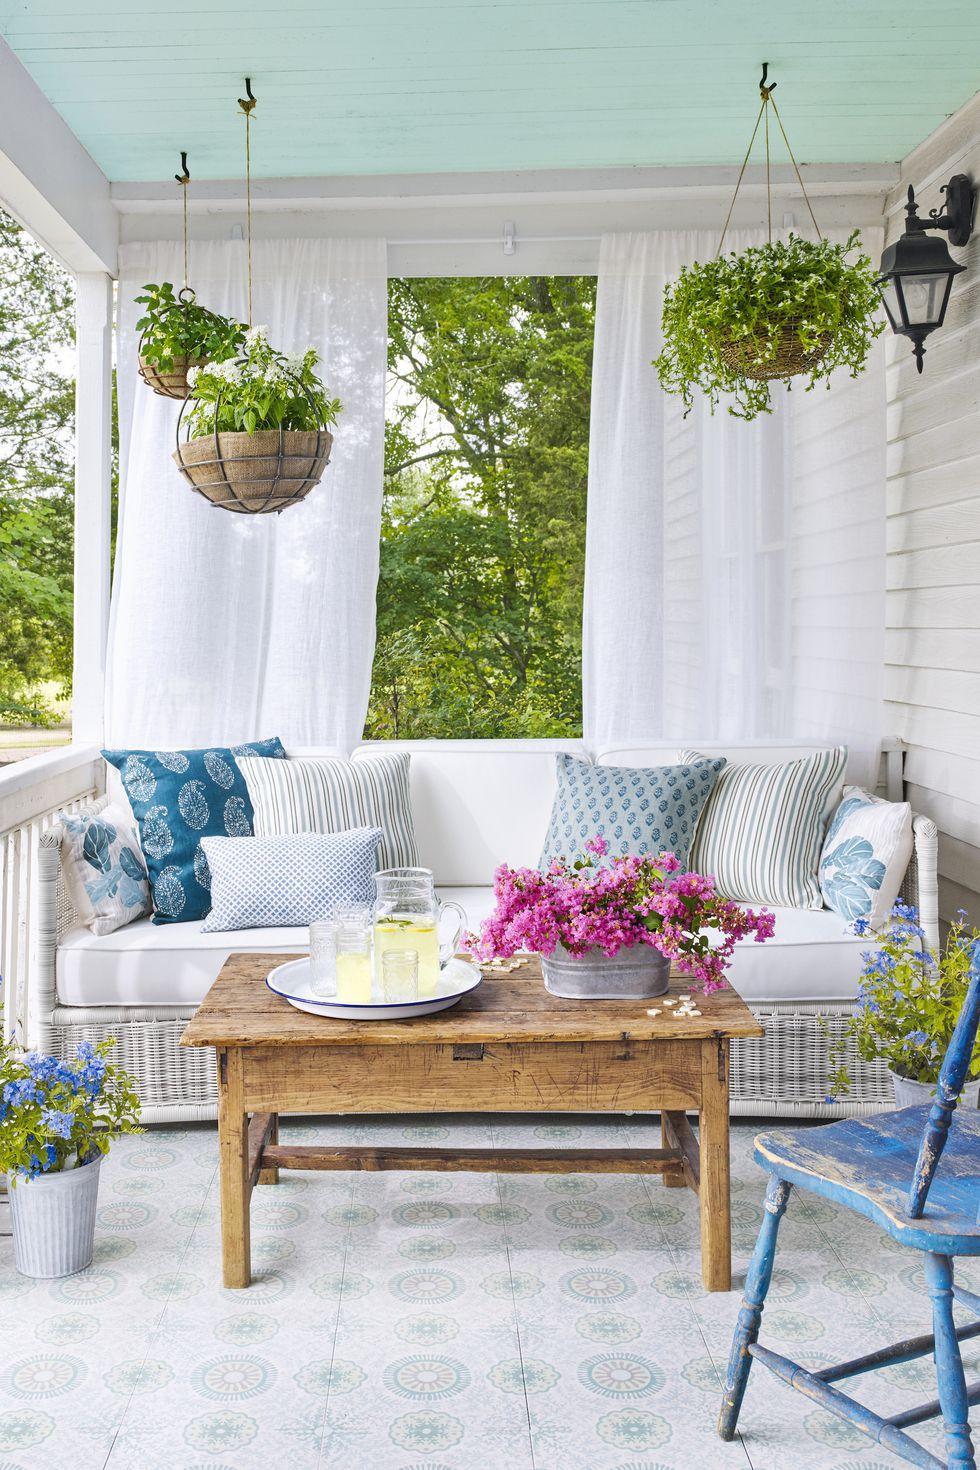 5 Make a Garden in Your Porch via simphome